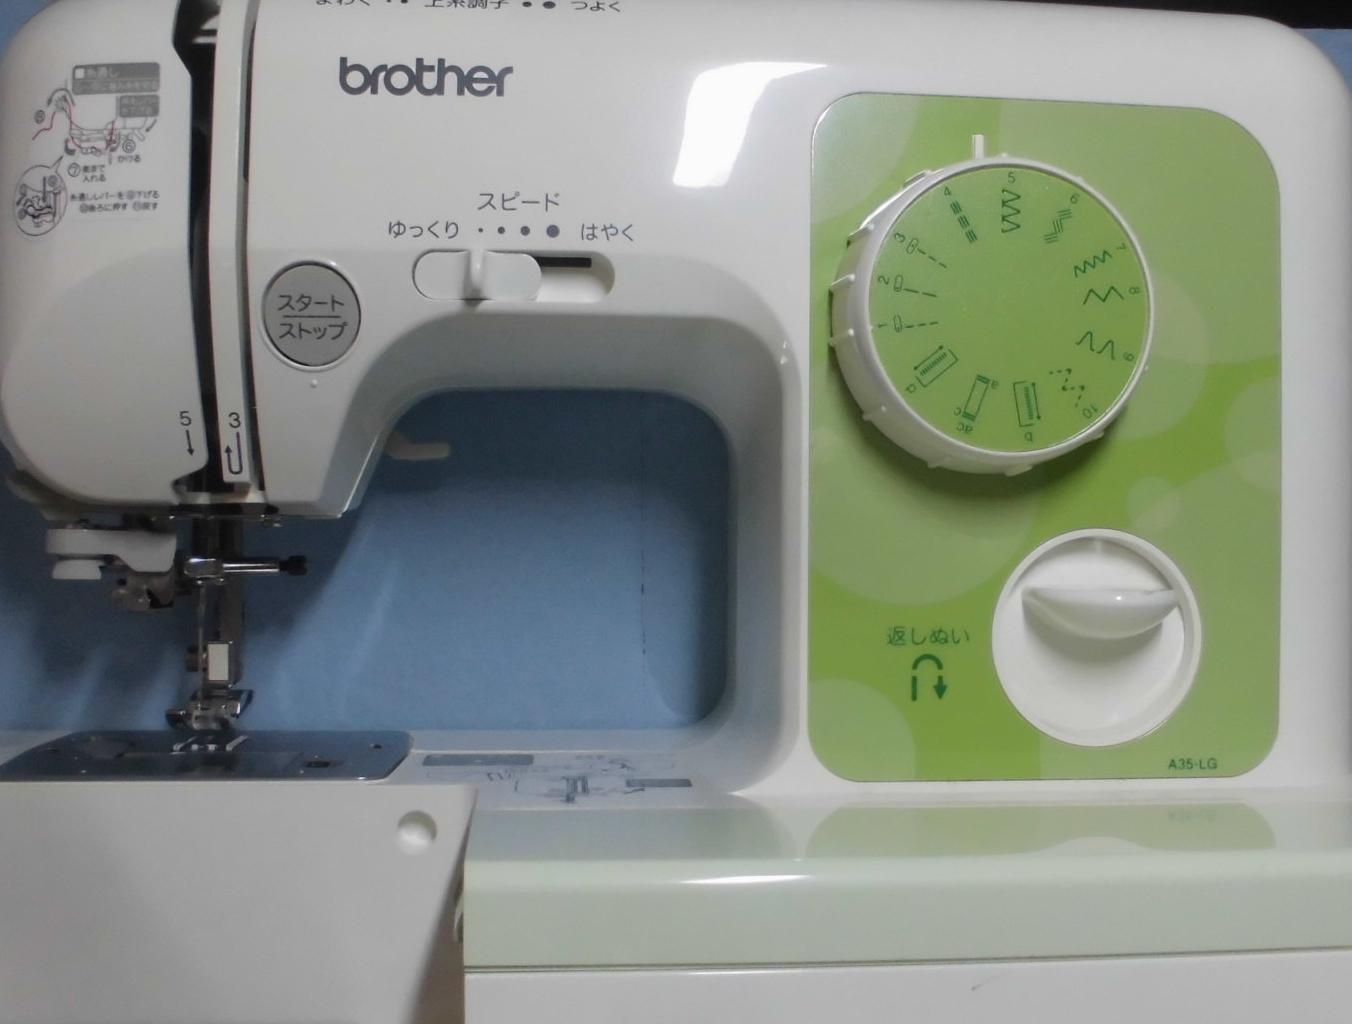 ブラザーミシン修理|ELU52シリーズ|縫えない、針が動かない、針が布に刺さらない